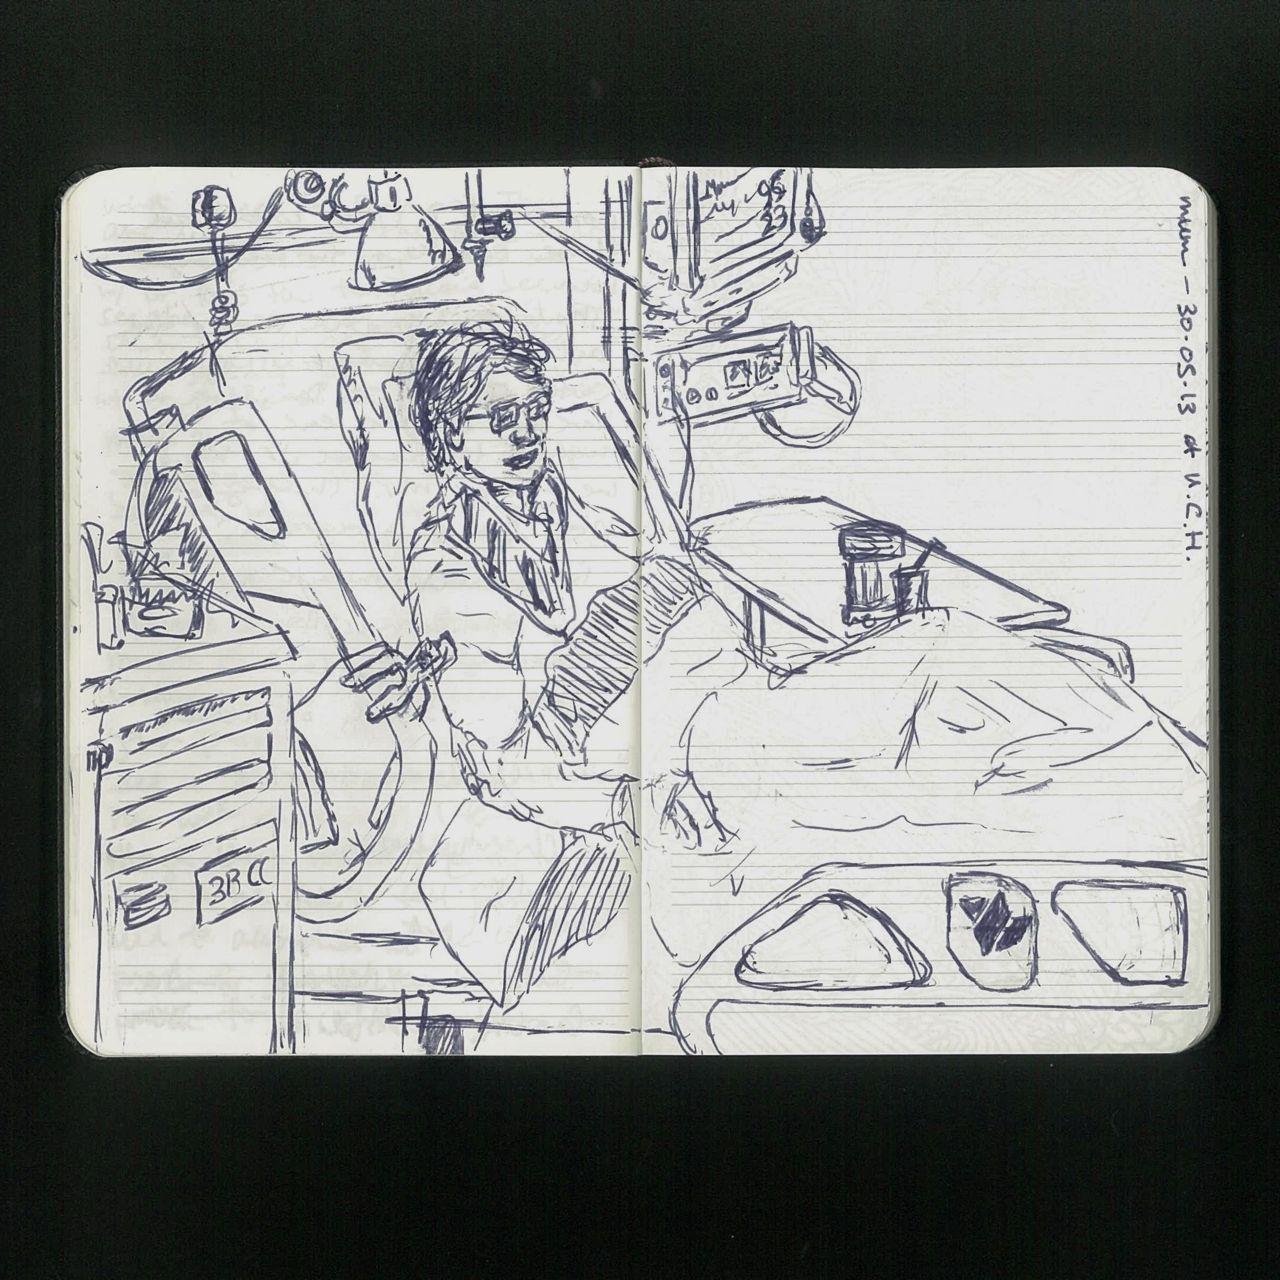 art sketchbk apr-0008.jpg